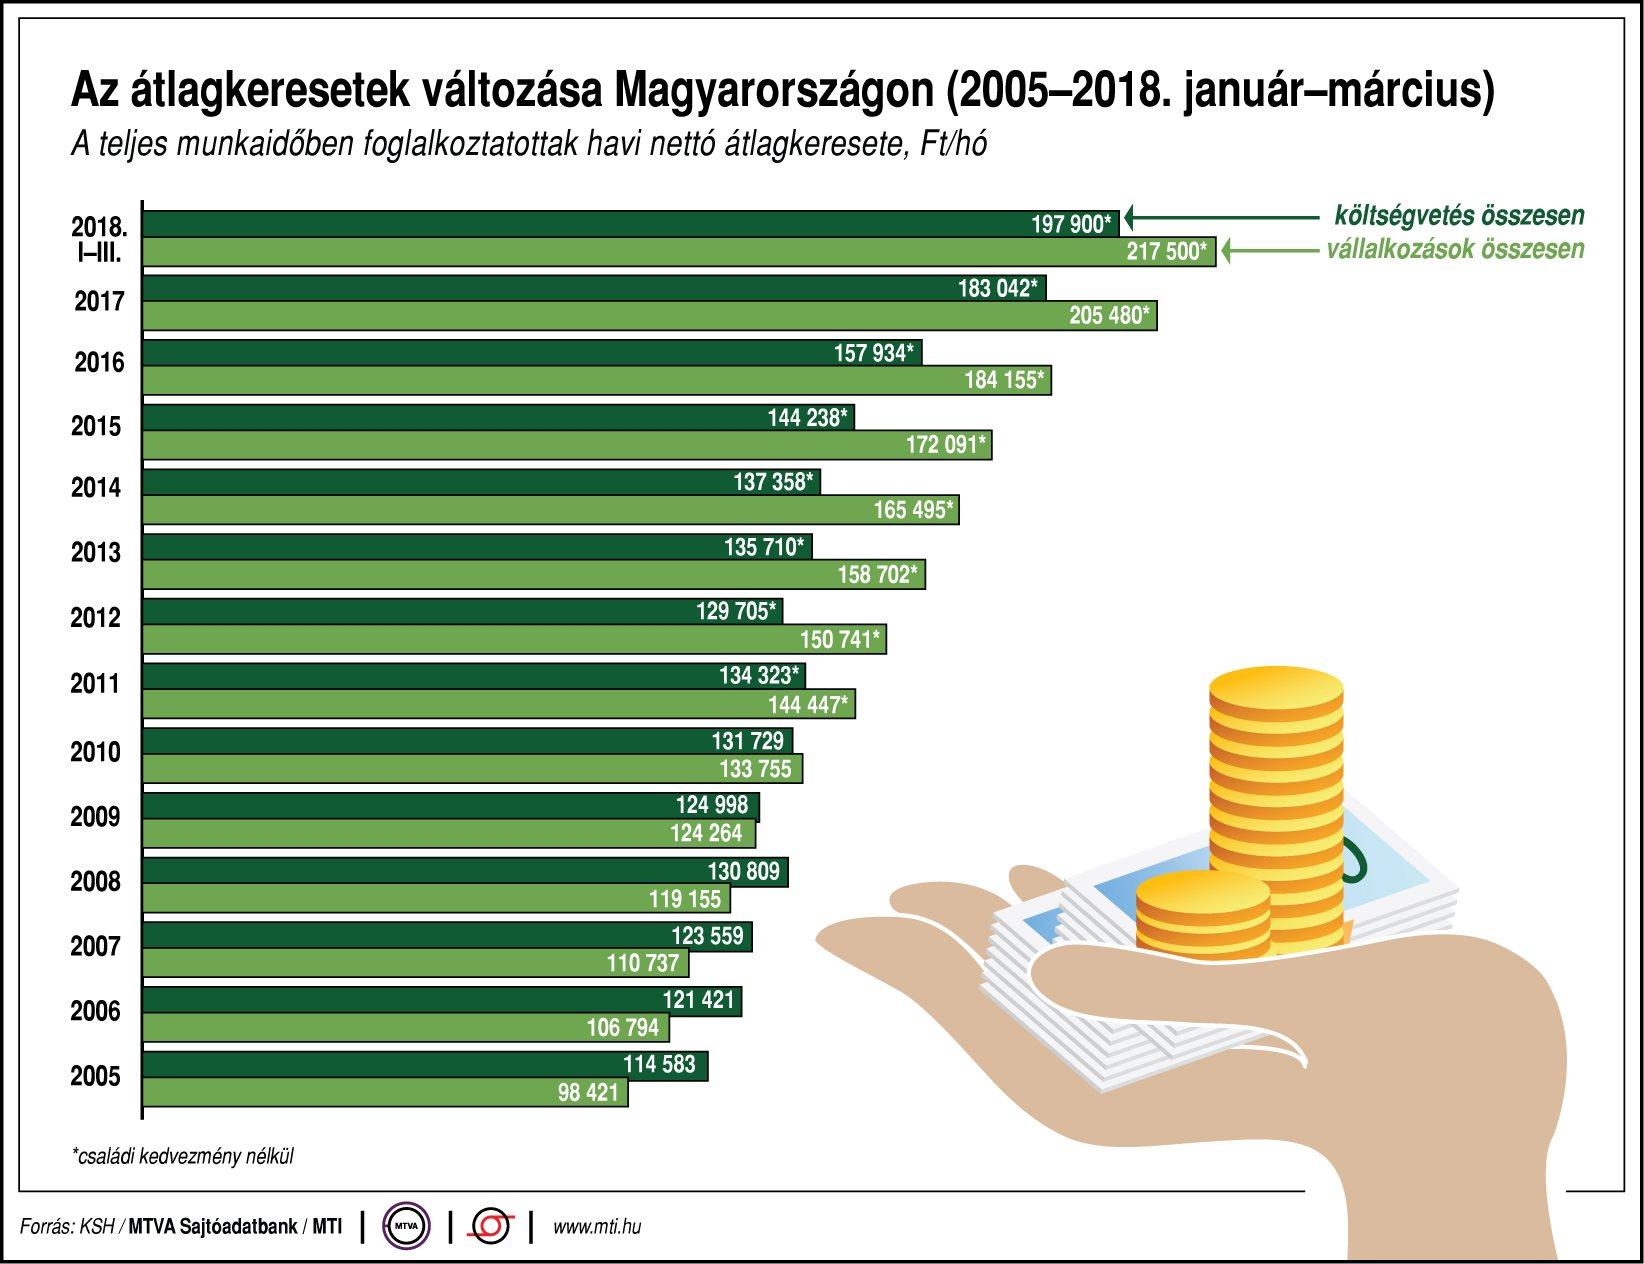 Az átlagkeresetek változása Magyarországon (2003-2018. január-március)